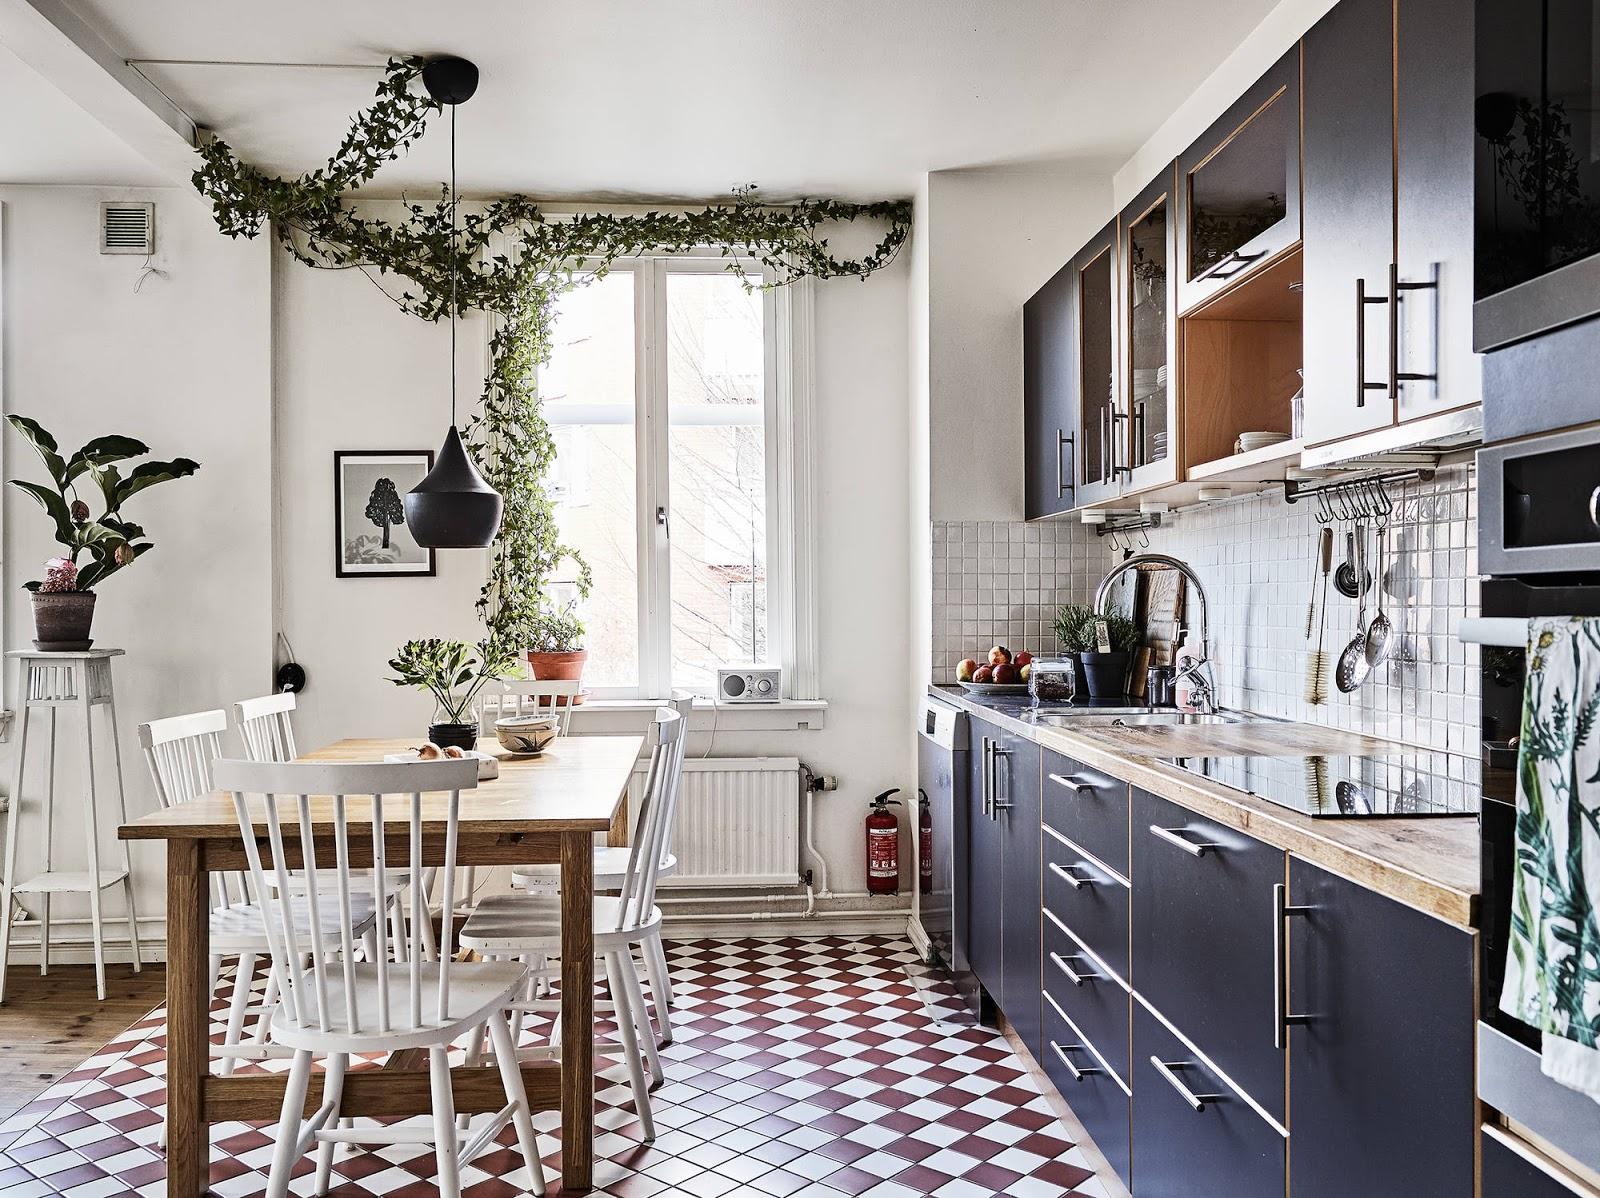 Muebles de comedor 10 comedores de estilo nordico con - Comedores estilo nordico ...